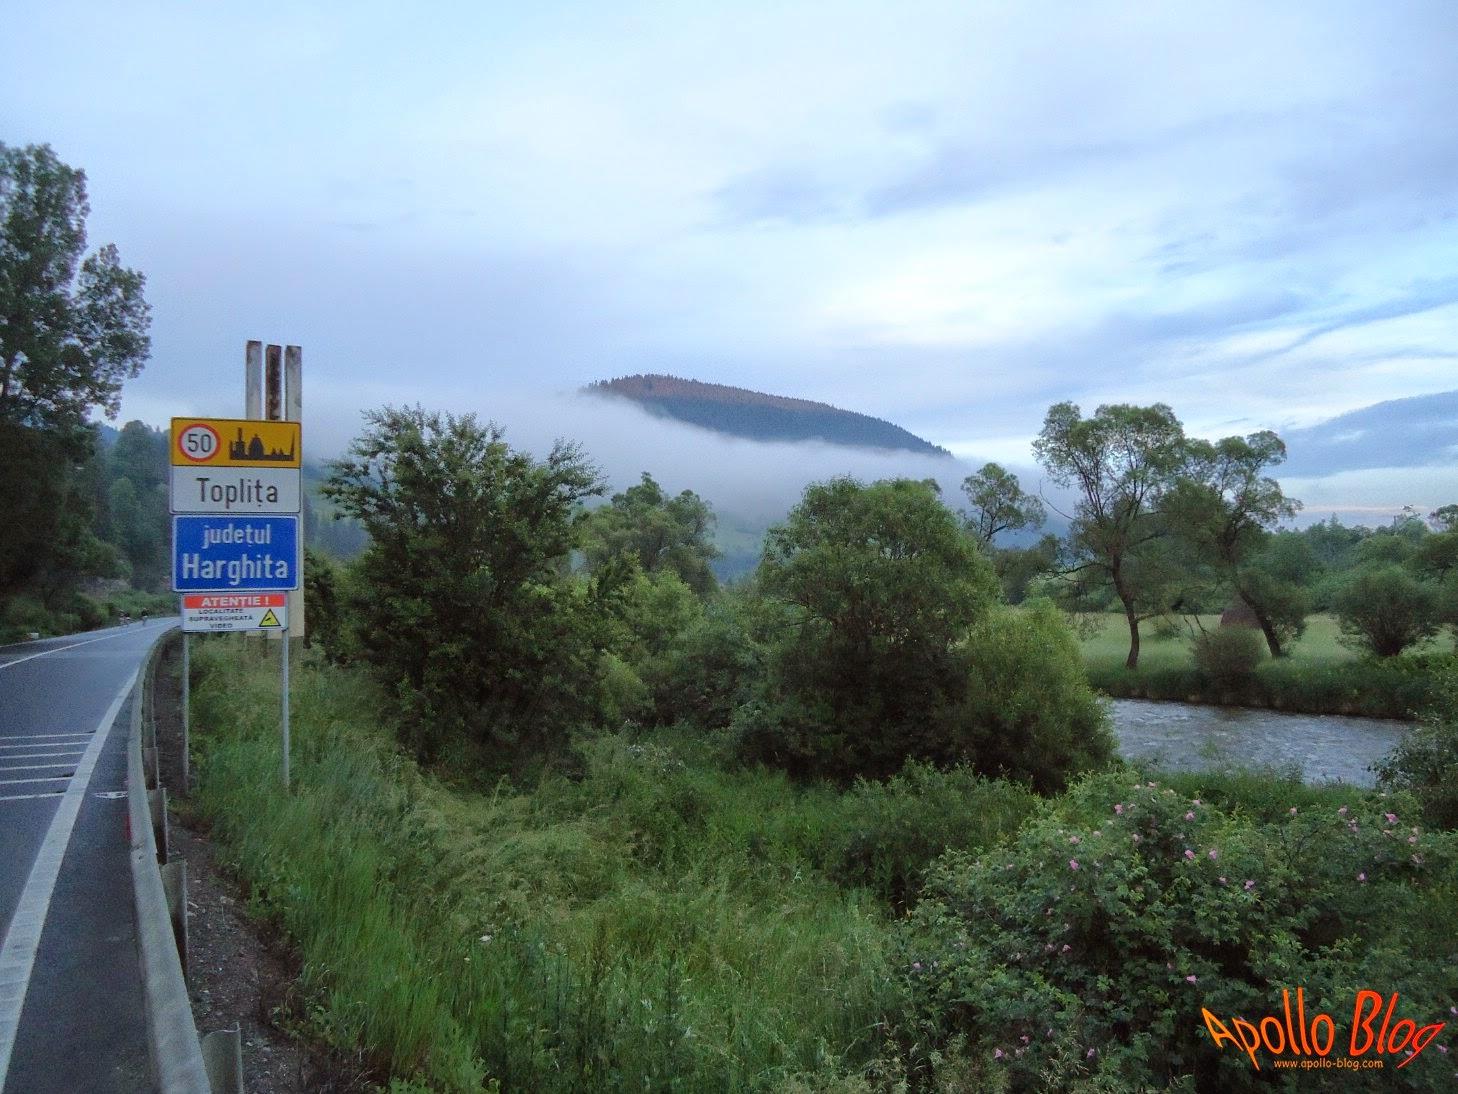 Intrarea in Toplita